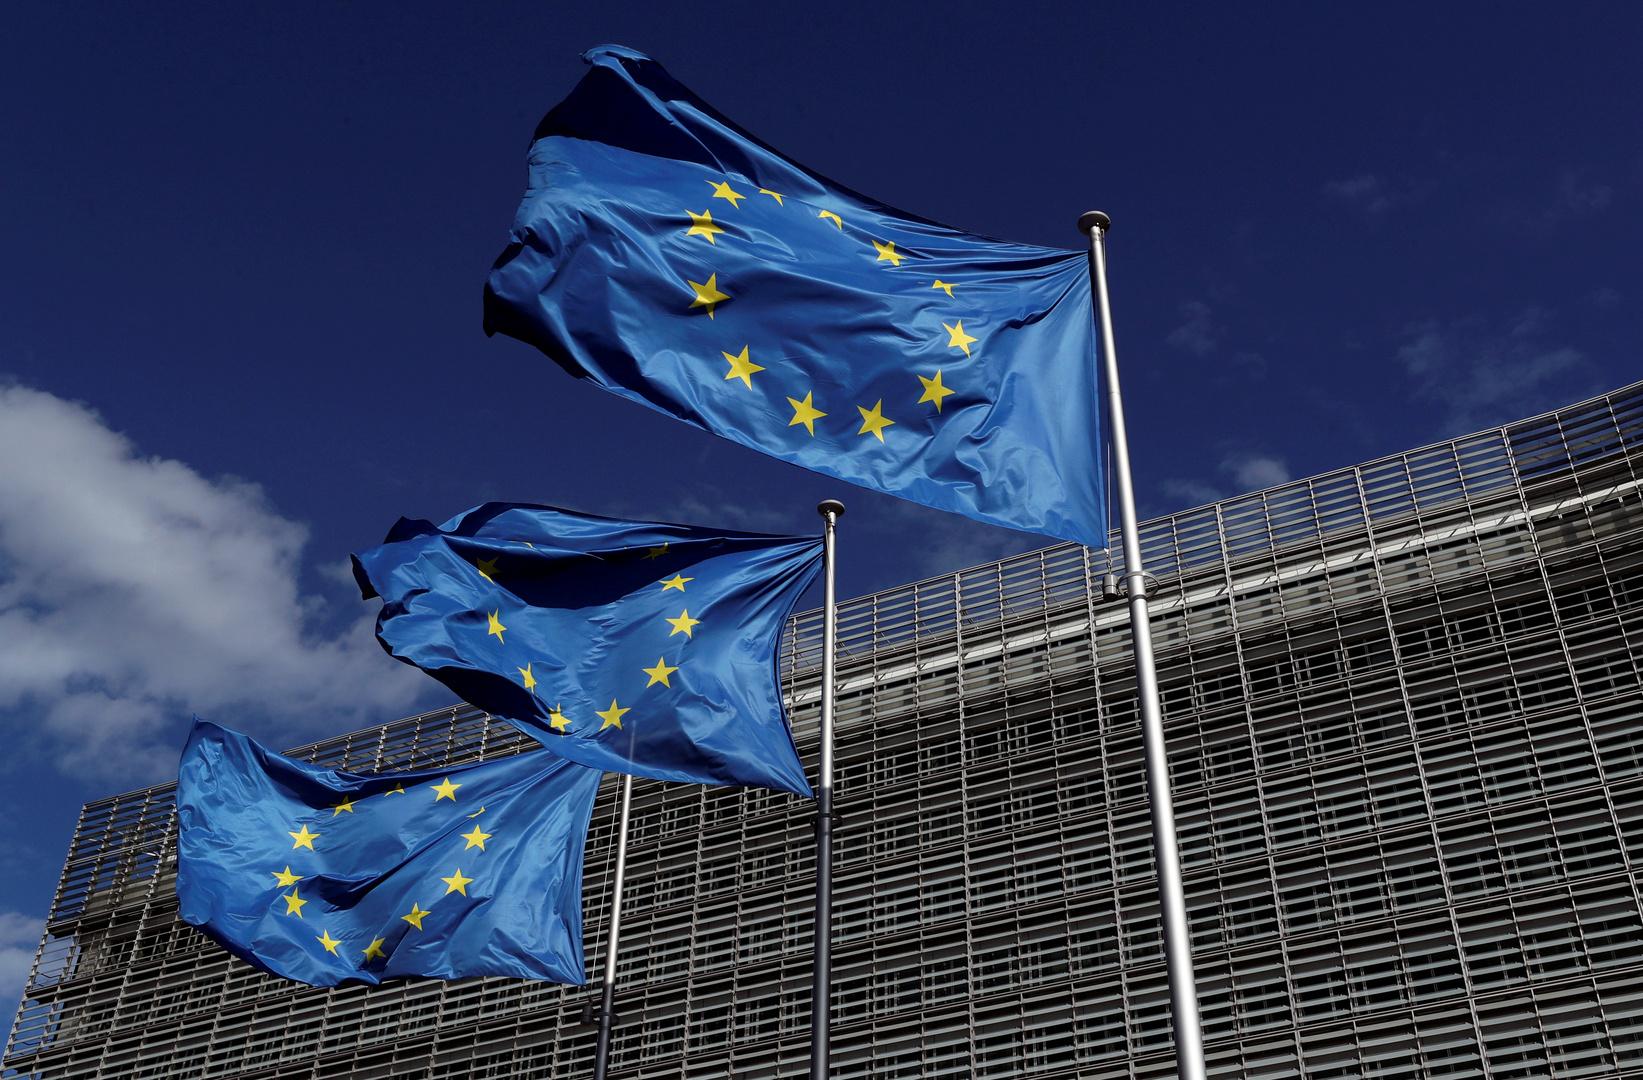 المحكمة الأوروبية لحقوق الانسان تدين بلجيكا بسبب ترحيل طالب لجوء سوداني